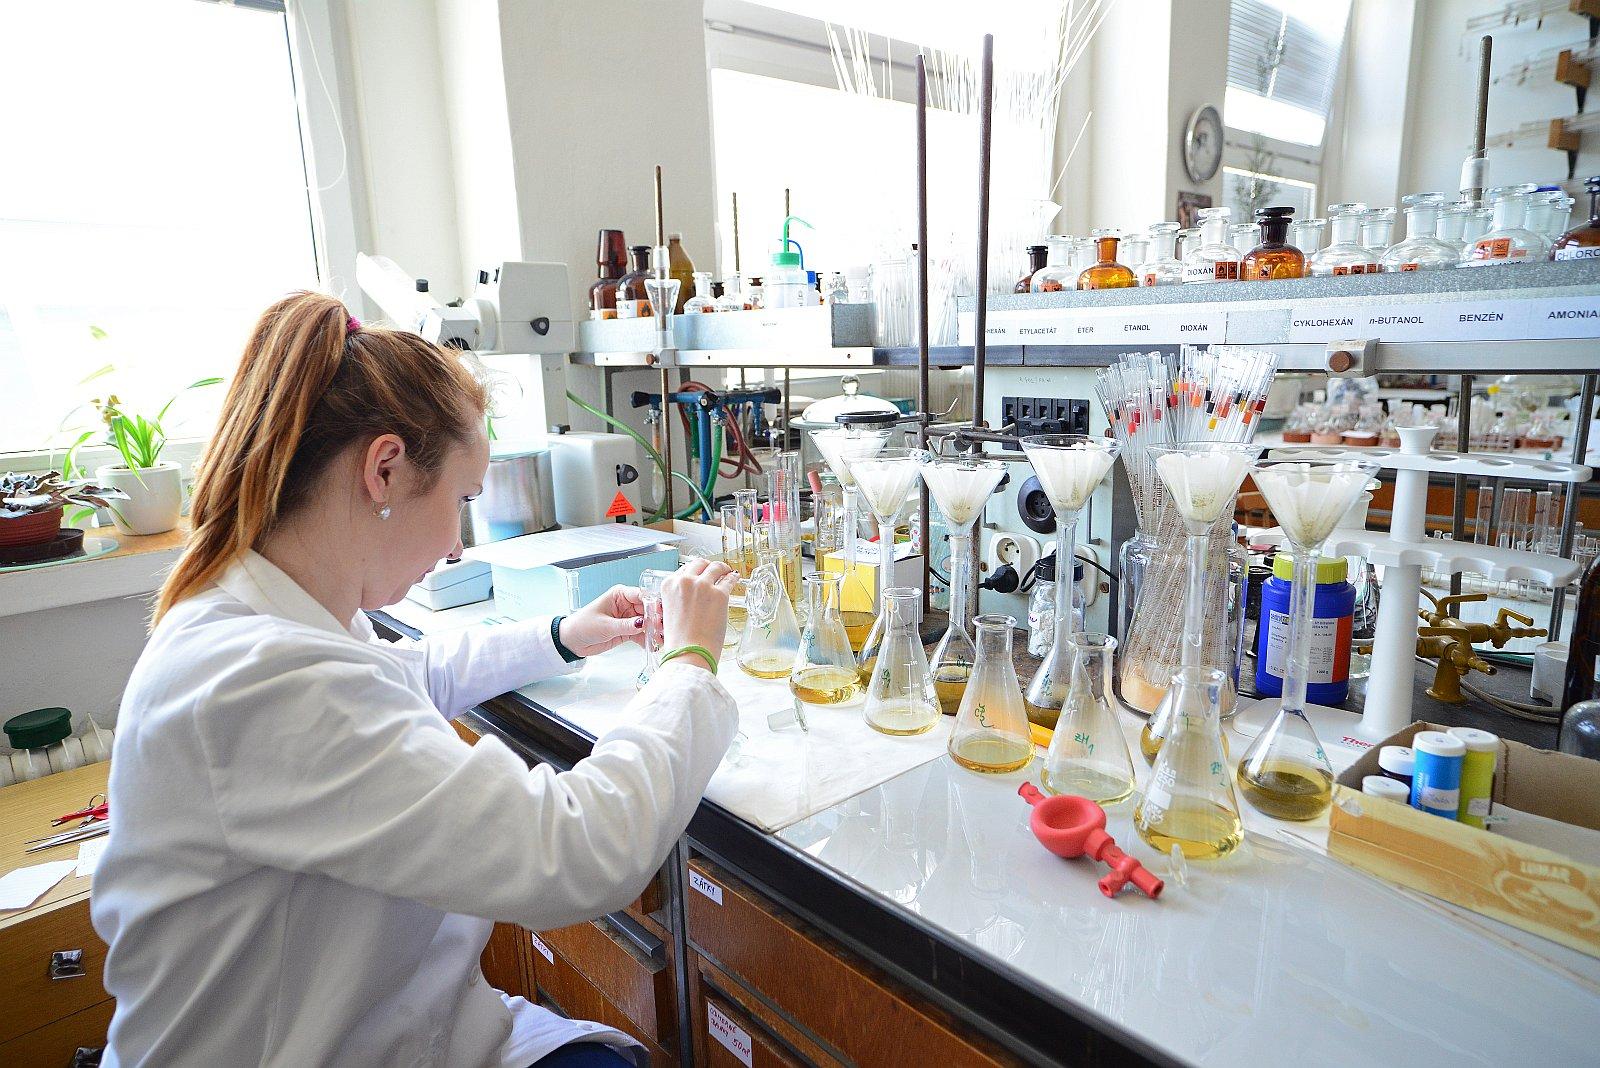 Online Diploma Programs in Pharmacy